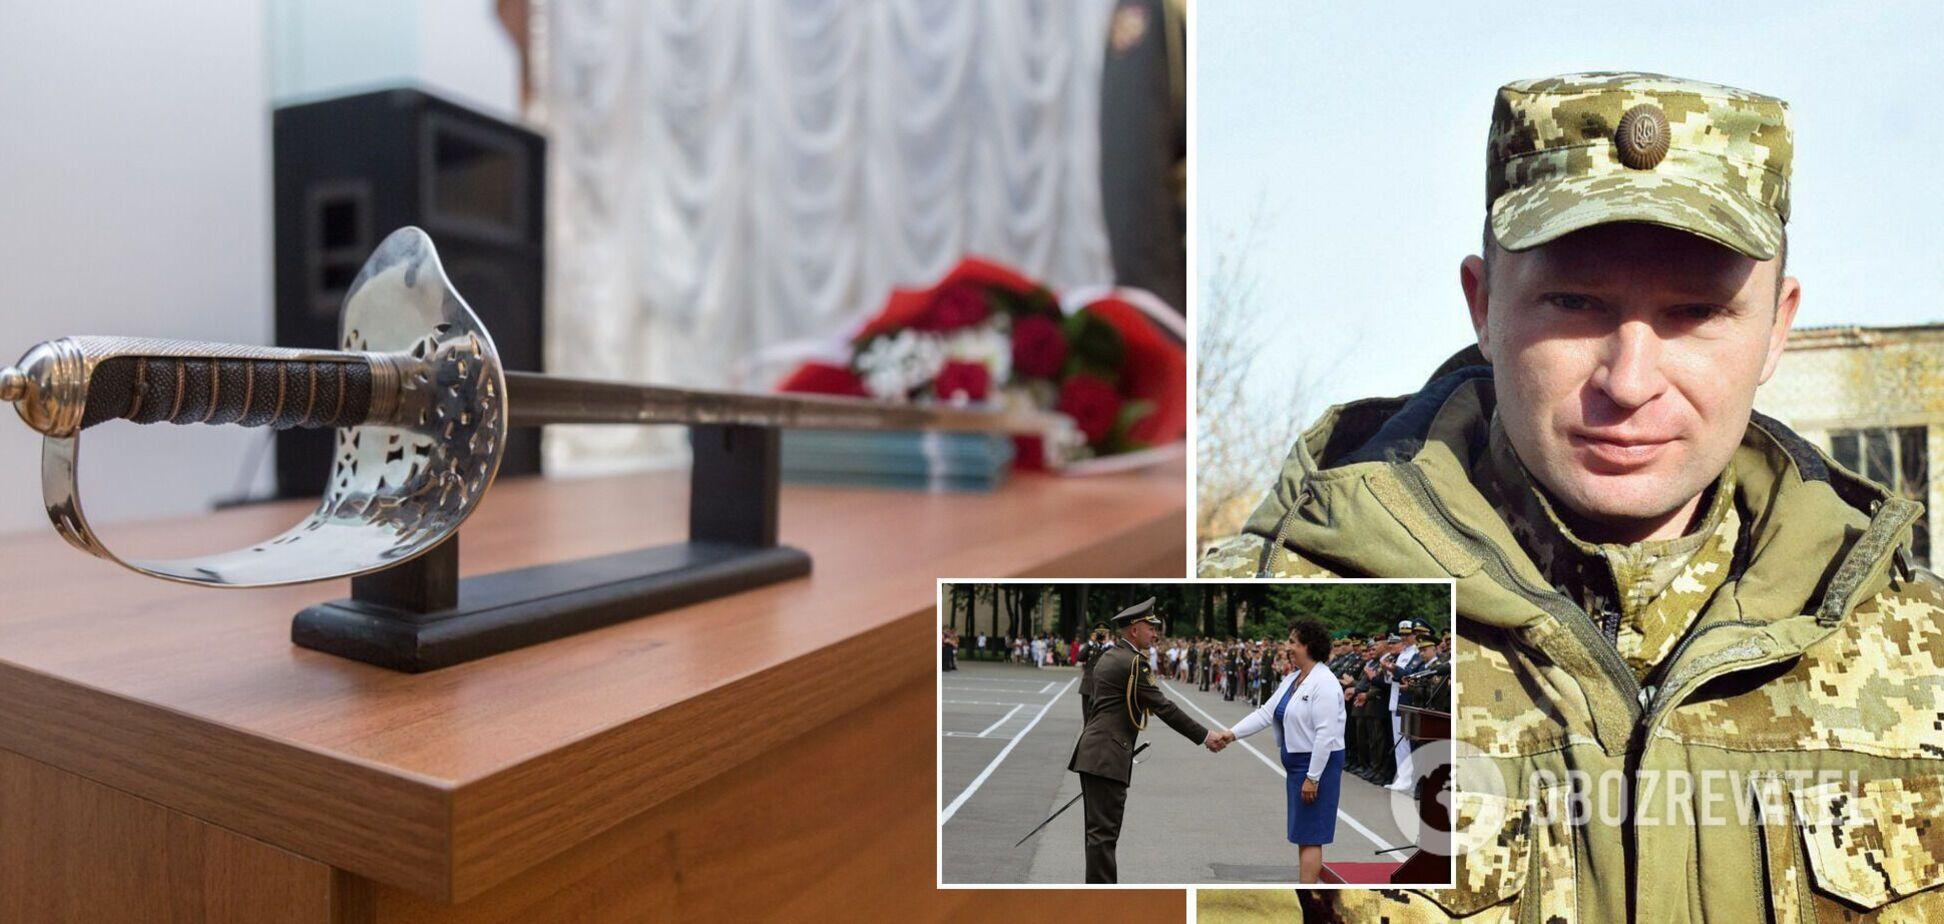 Героя освобождения Мариуполя наградили мечом королевы Британии: историческое видео